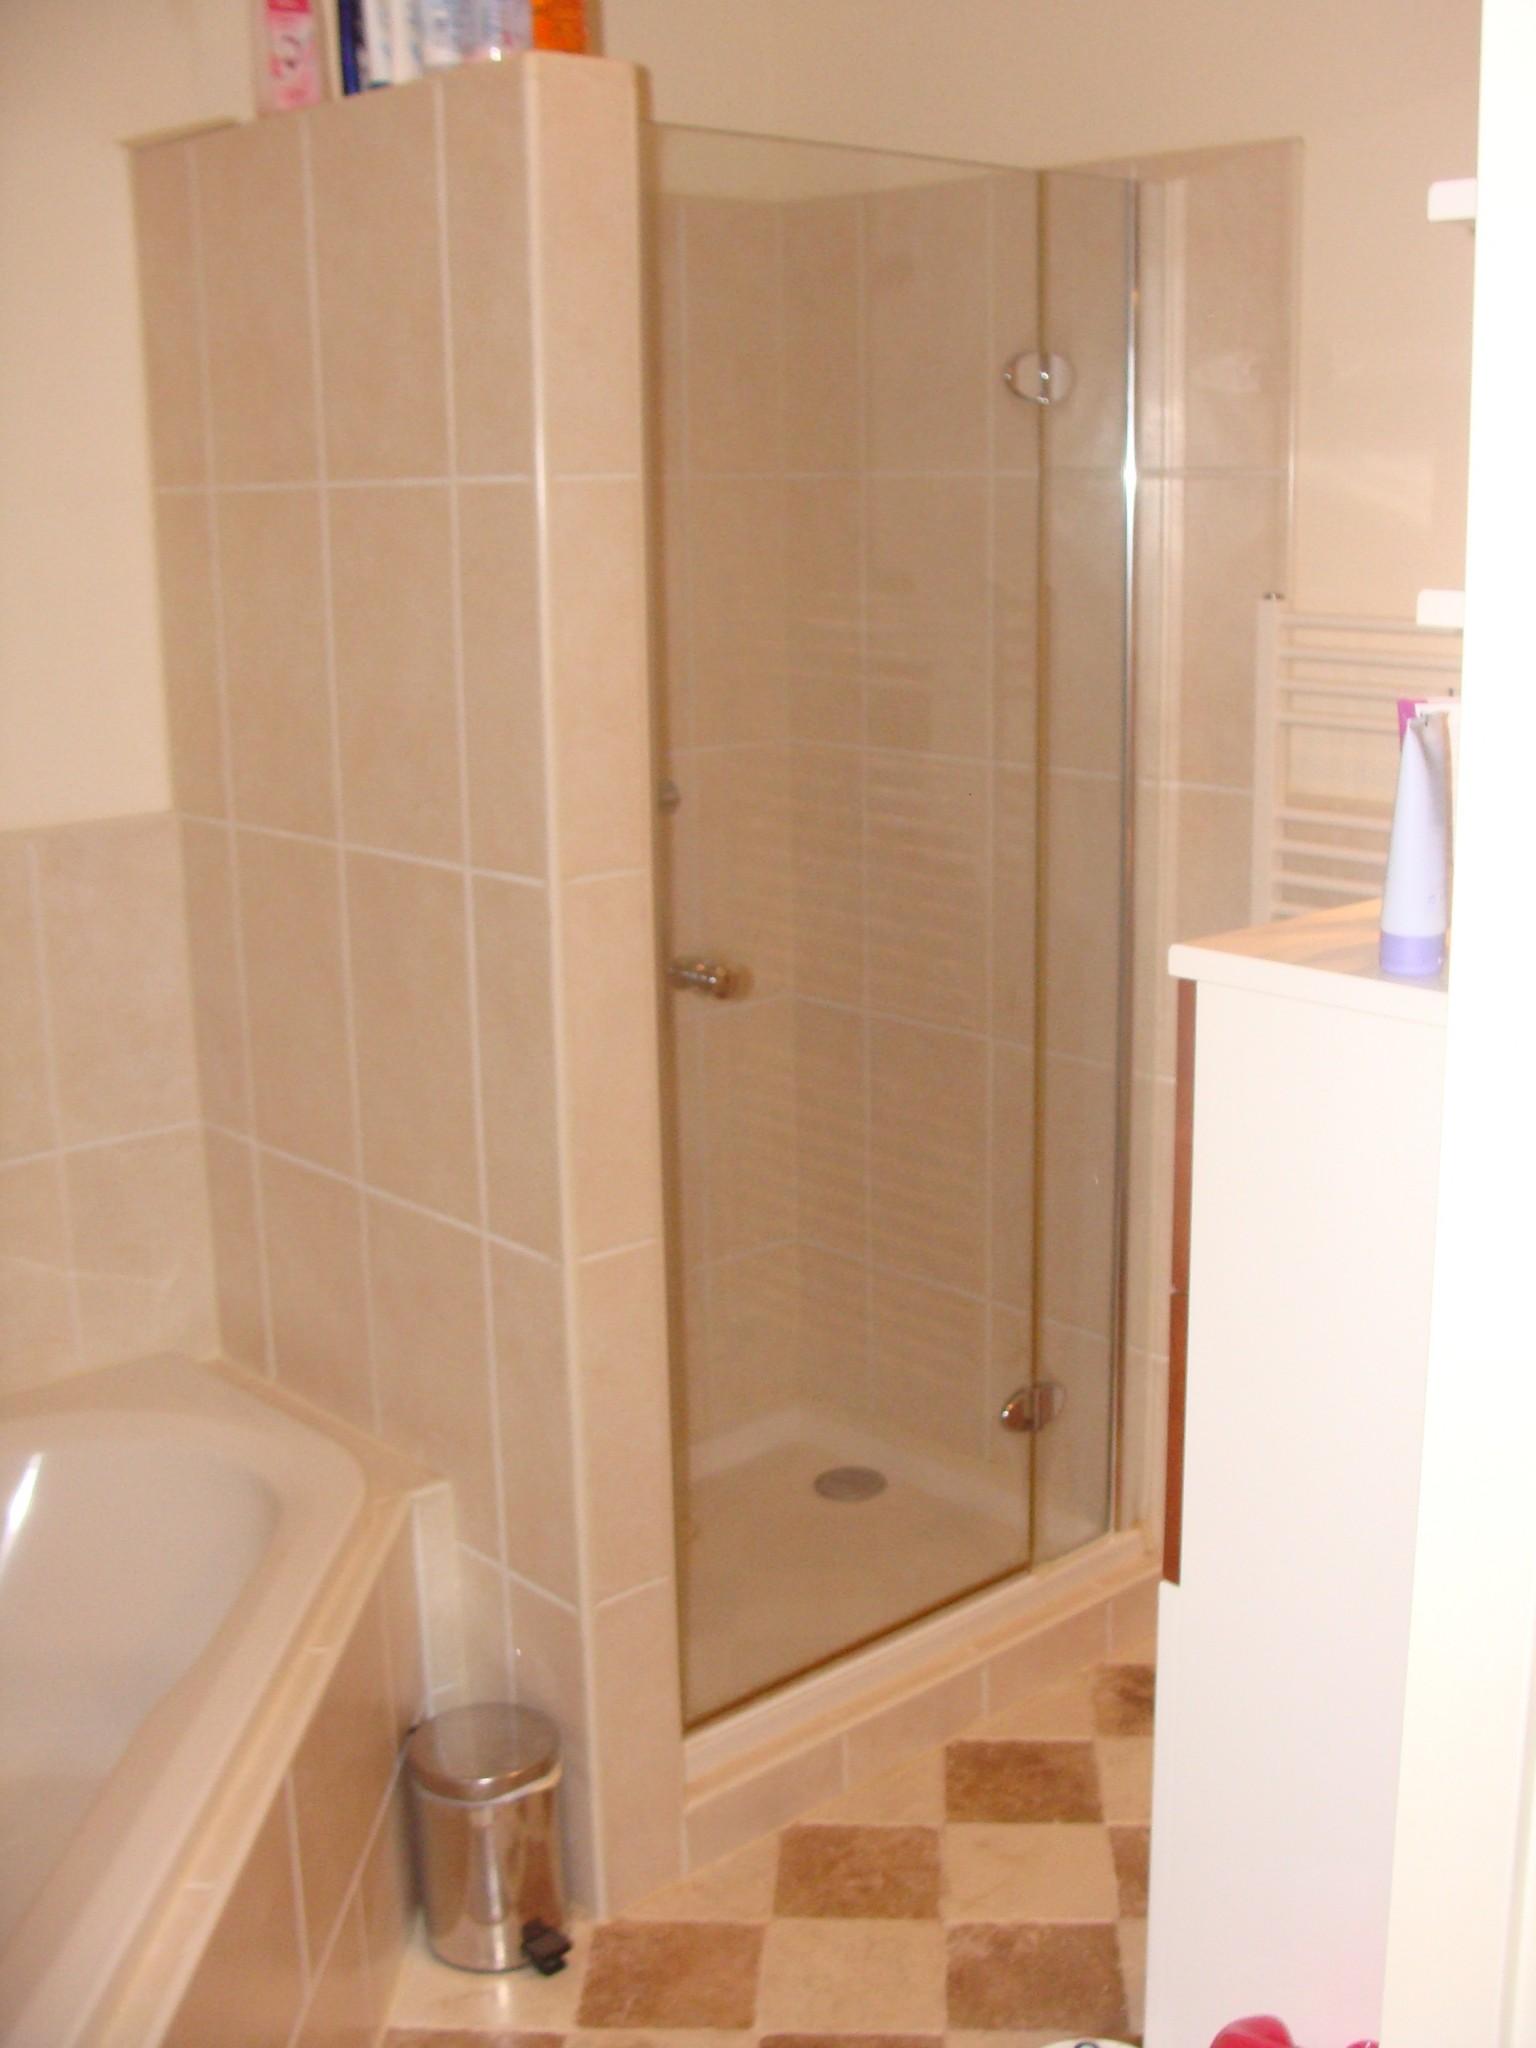 Badkamer renovatie menaam (8)   Klusbedrijf Friesland